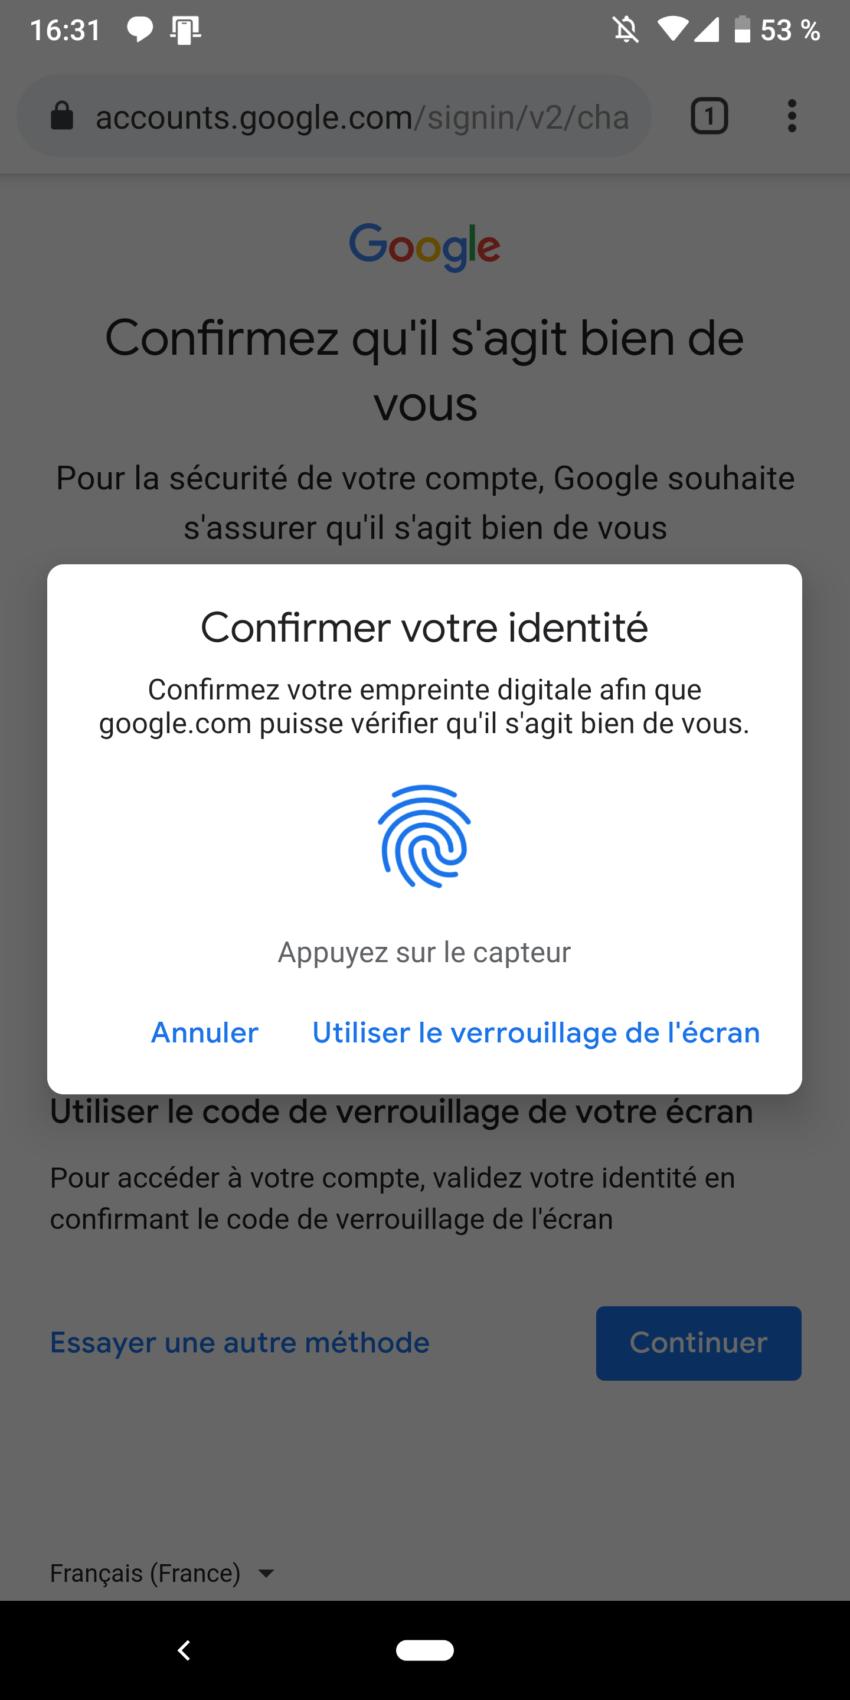 Google vous permet de vous connecter sur leurs sites avec votre empreinte digitale